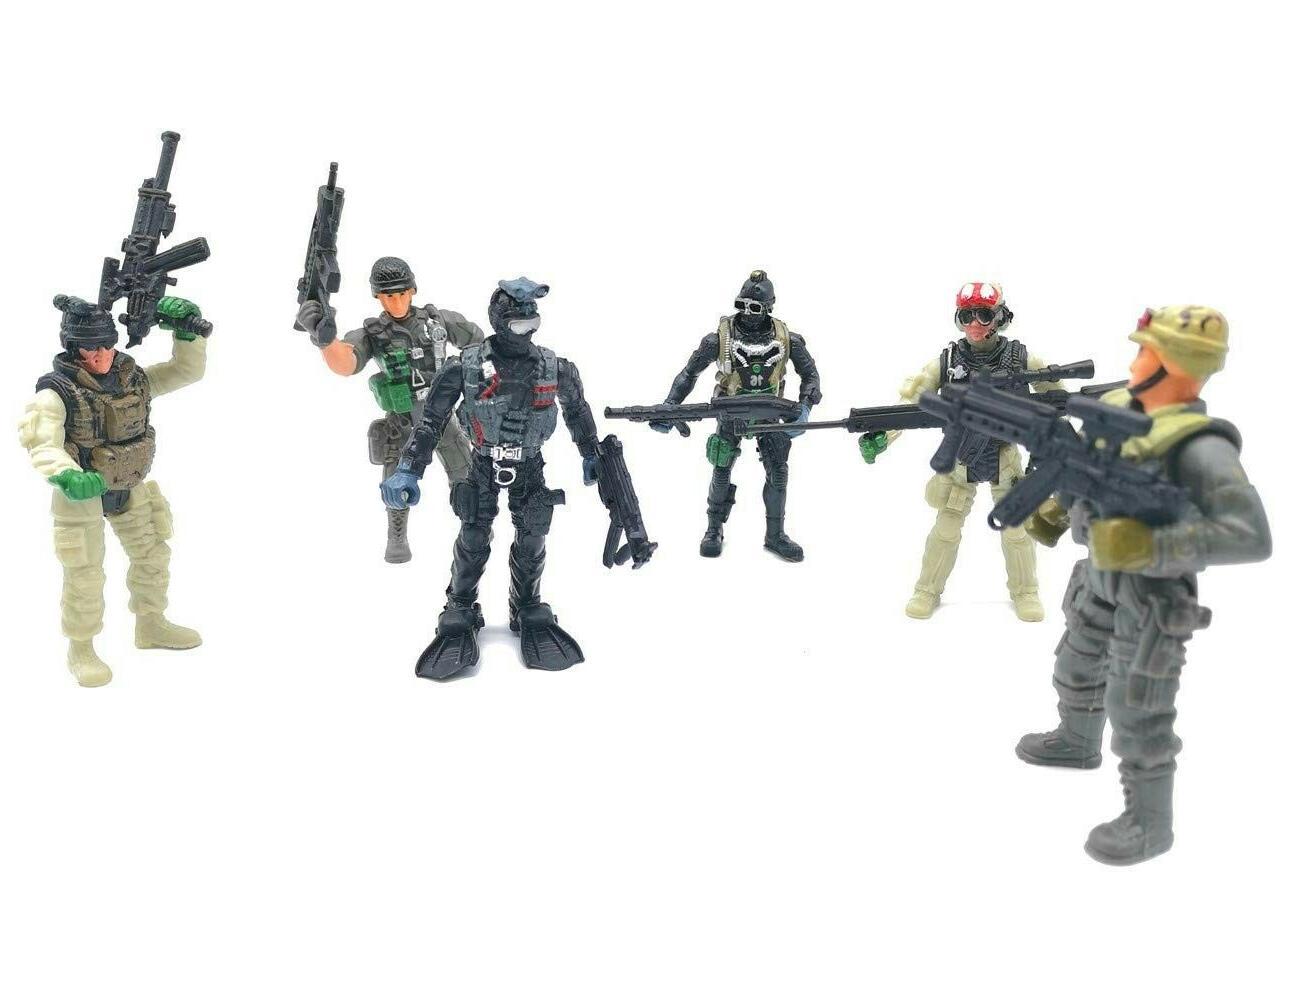 MilitarySpecial Marine Figure Elite Force